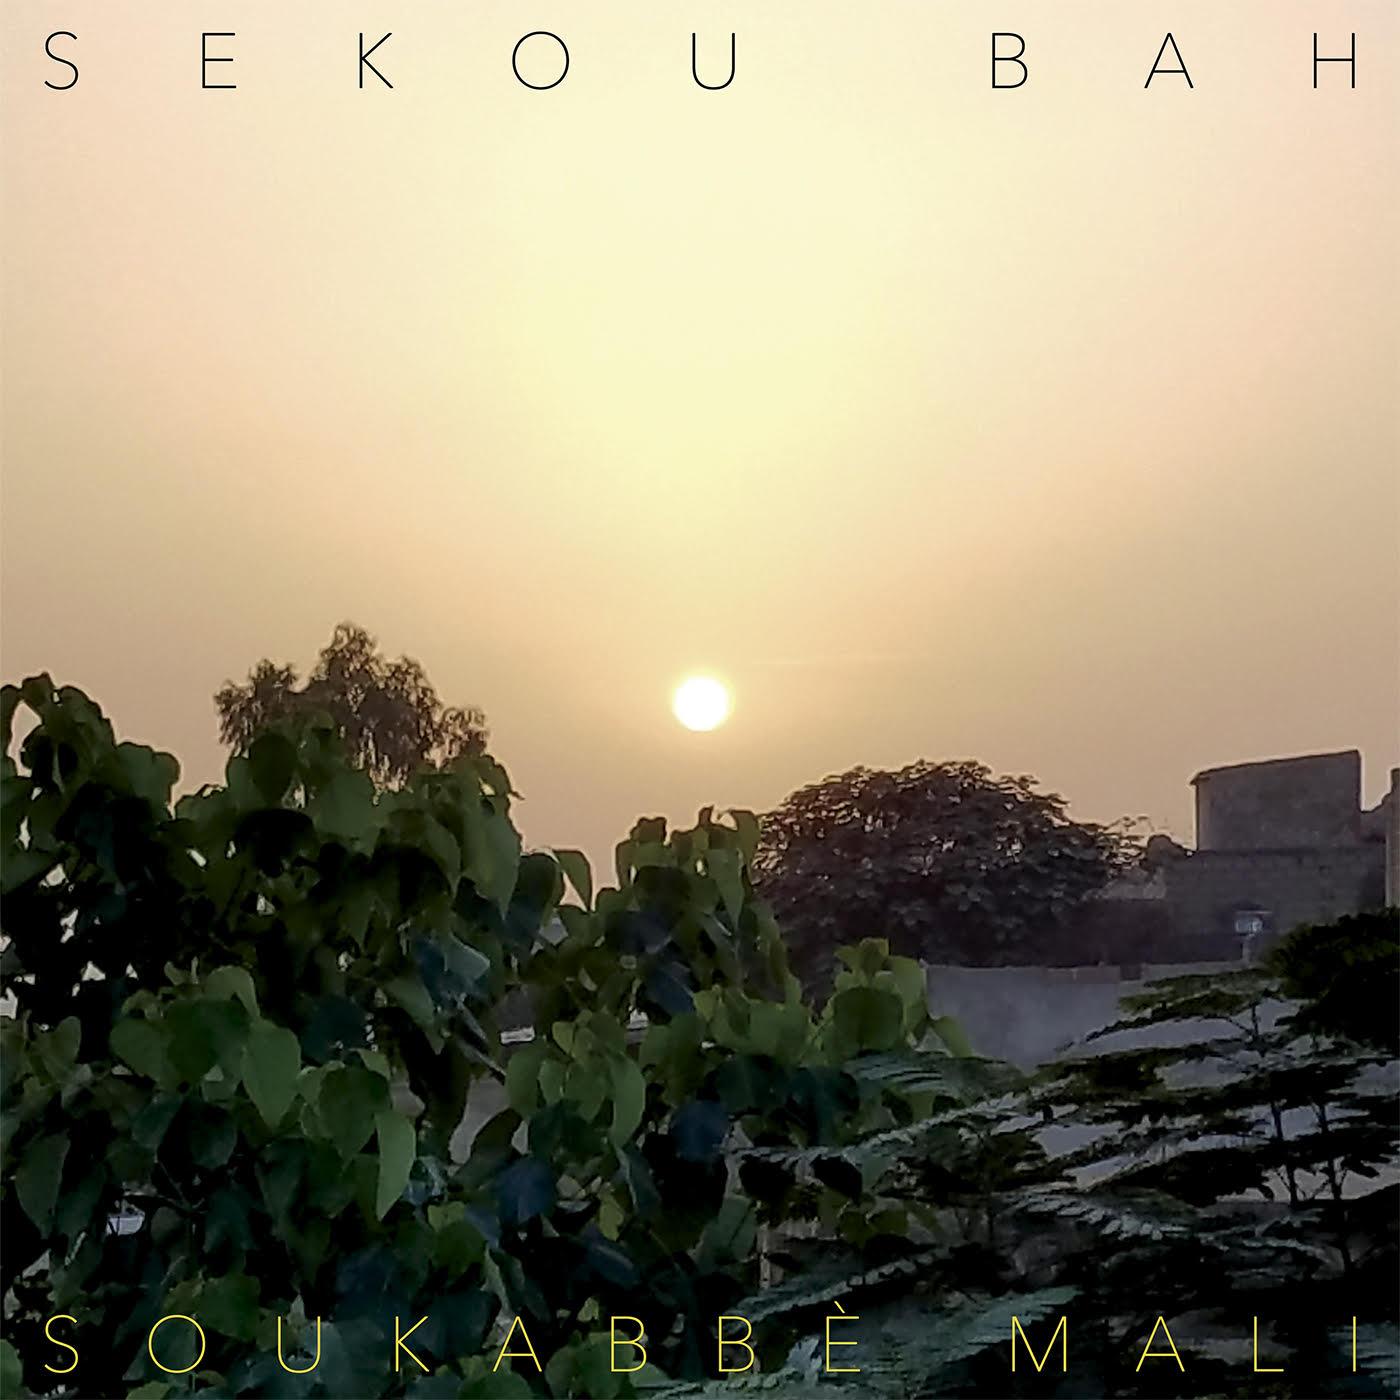 Sekou Bah - Soukabbe Mali (CLE022)